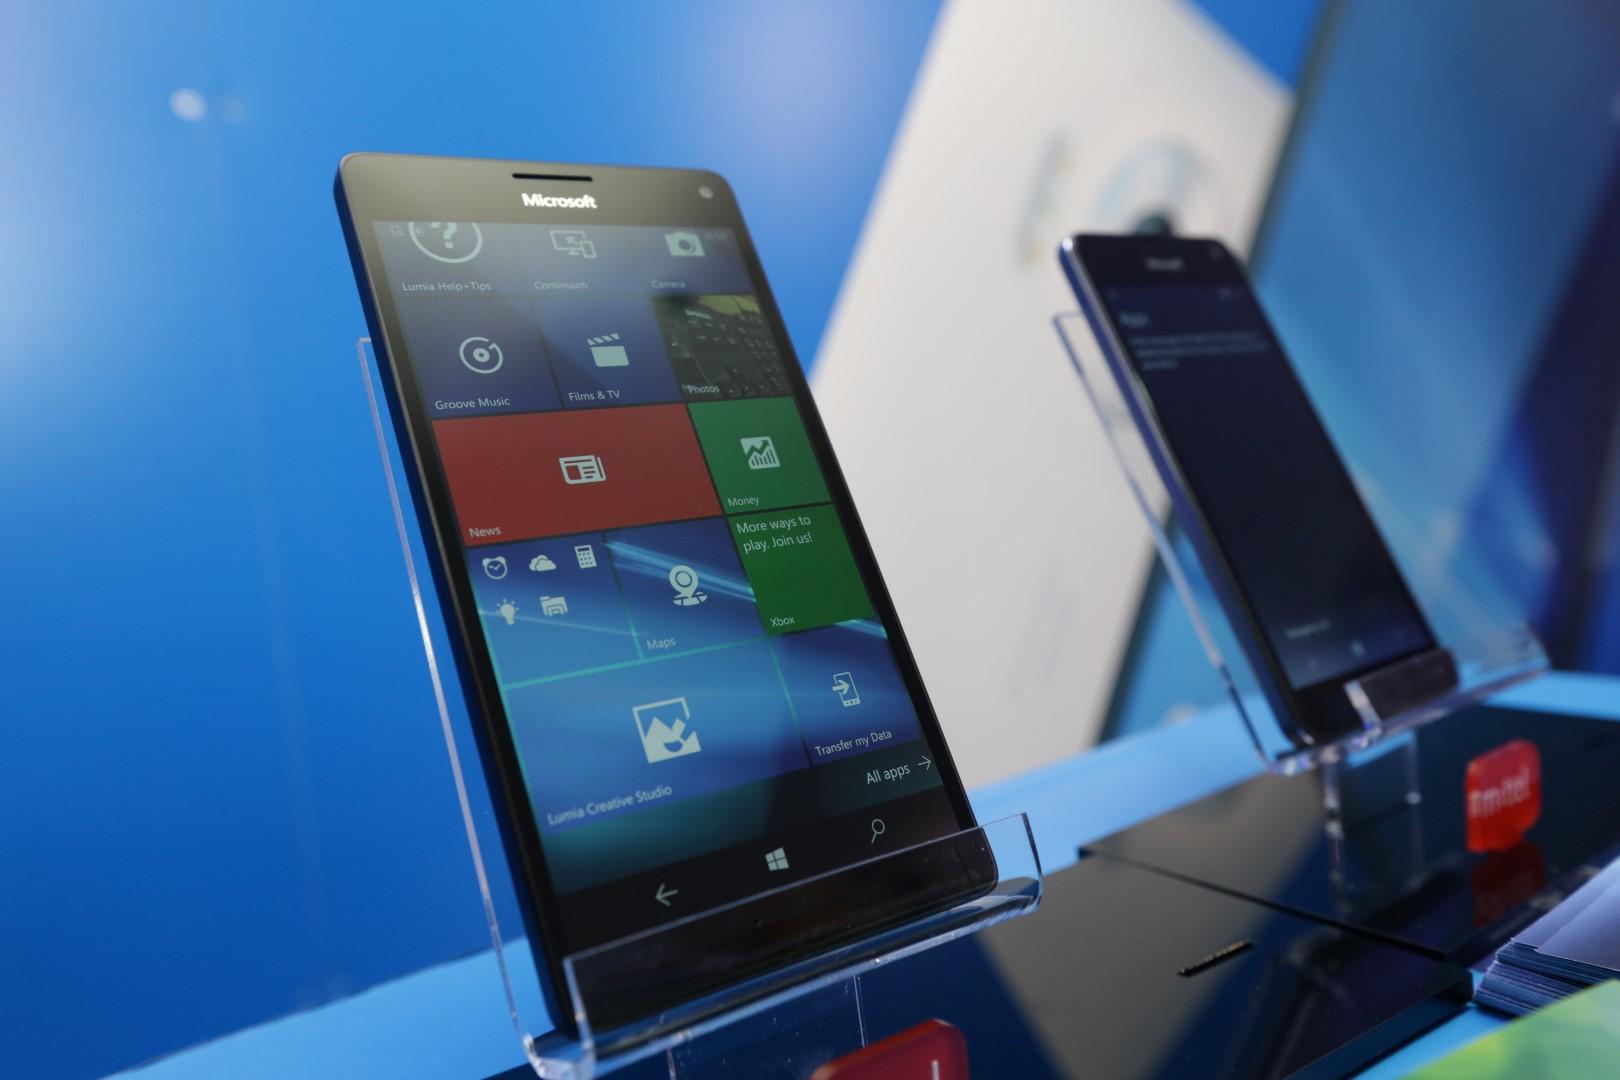 Novitet u ponudi kompanije m:tel: Microsoft Lumia 950